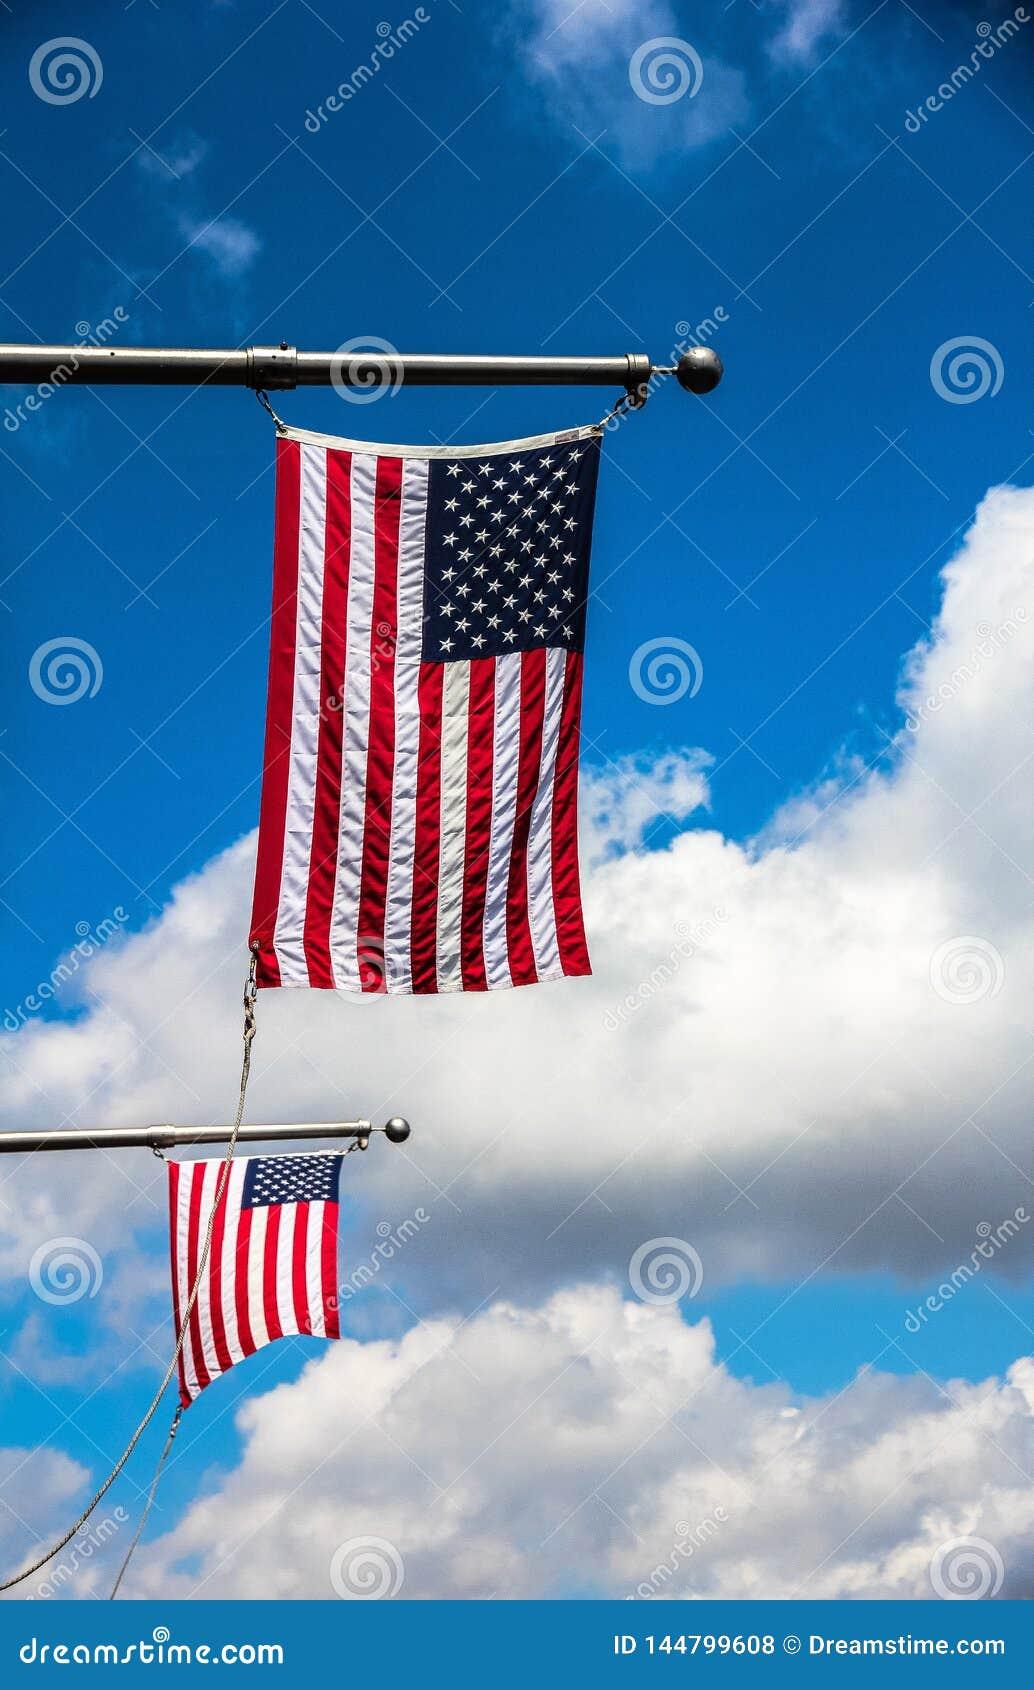 ΑΜΕΡΙΚΑΝΙΚΕΣ σημαίες στον άσπρο πόλο, Αμερική, Νέα Υόρκη, στις 7 Απριλί